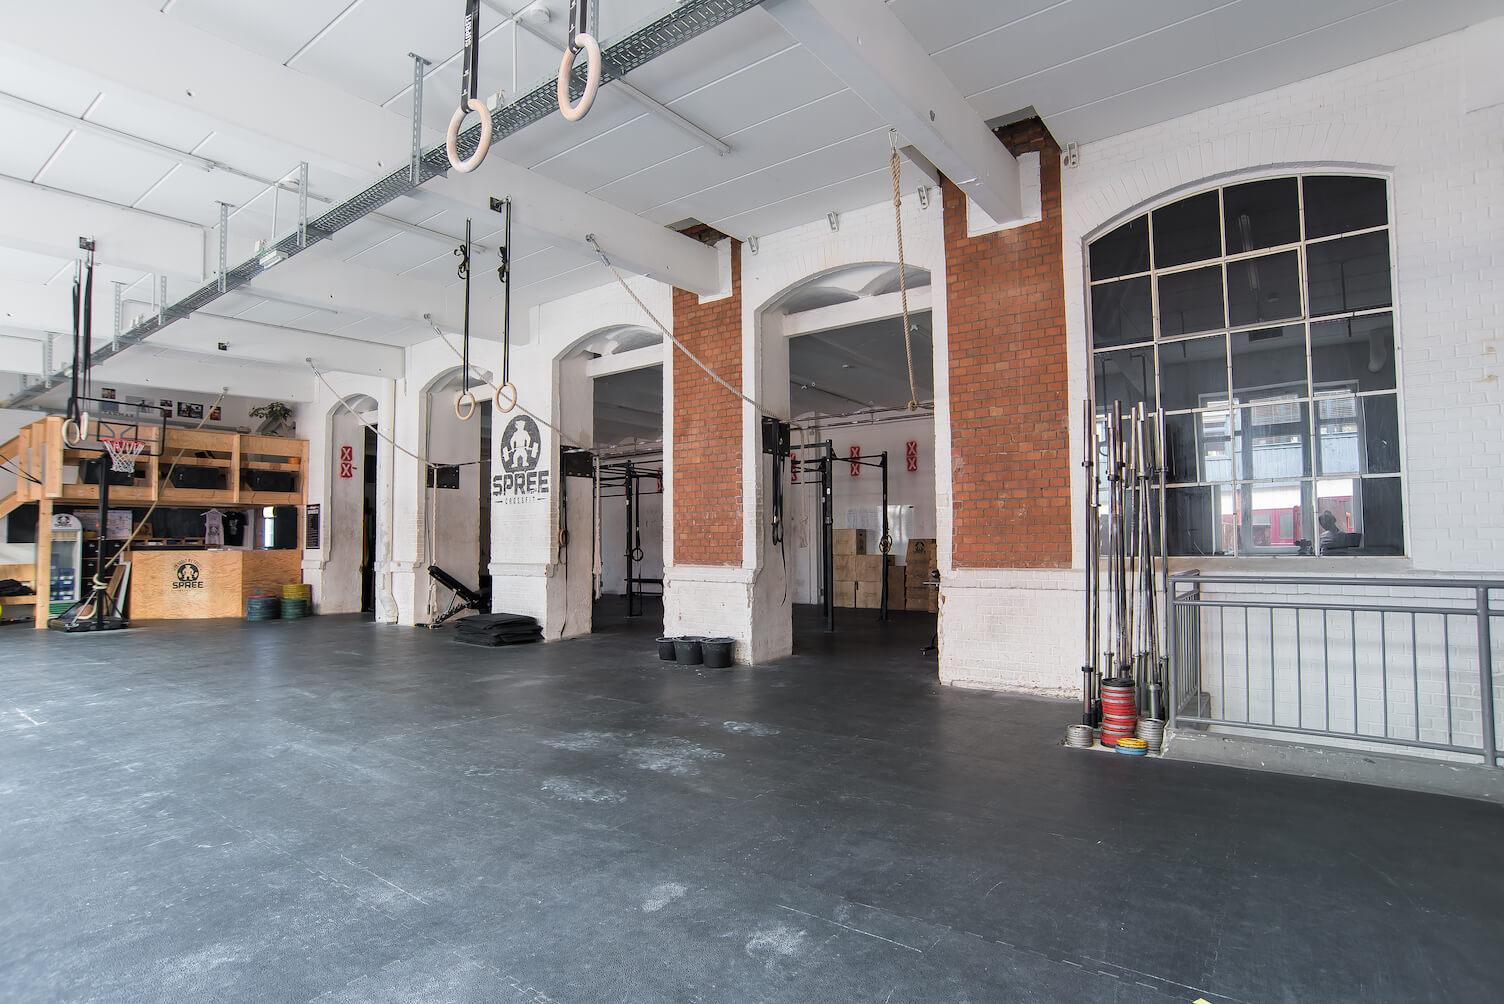 Spree CrossFit Große Halle